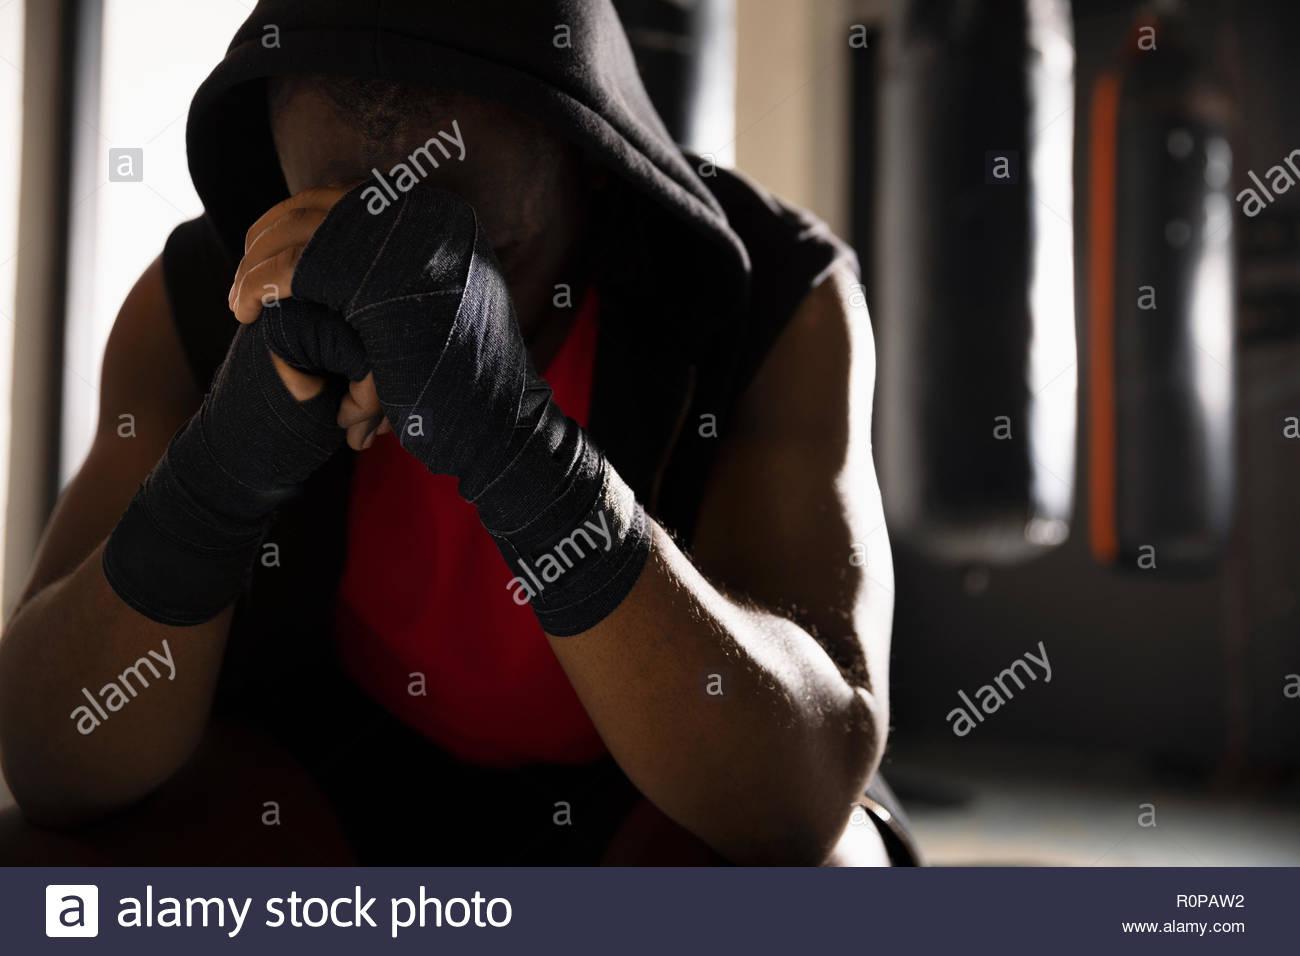 Cansado boxer masculino con la cabeza entre las manos, descansando en el gimnasio Imagen De Stock